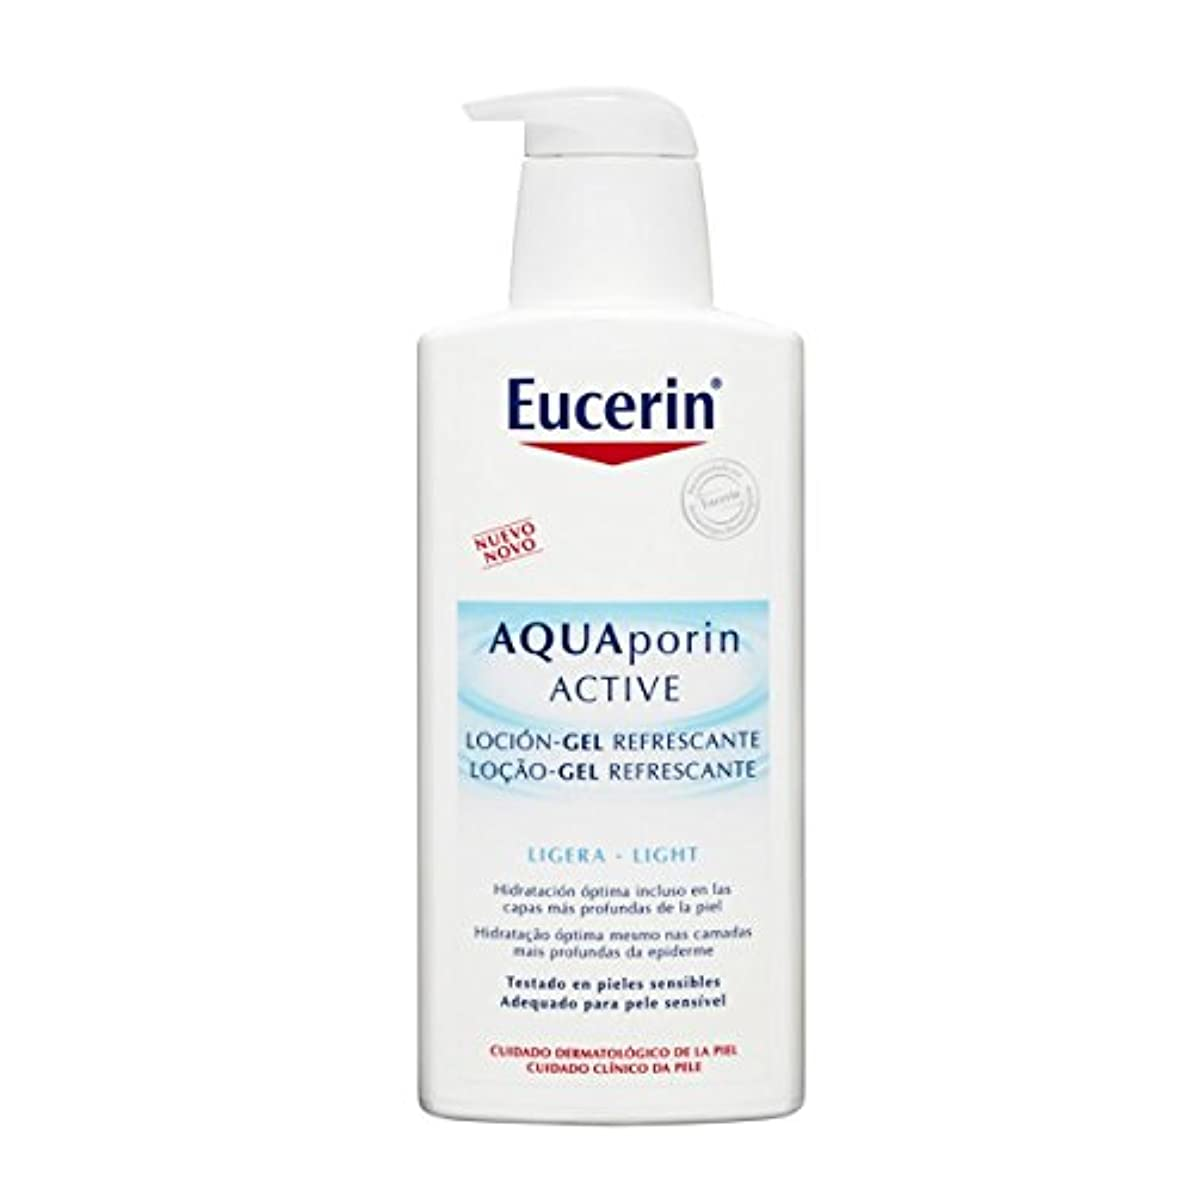 すべき治療散らすEucerin Aquaporin Active Intense Body Balm 400ml [並行輸入品]